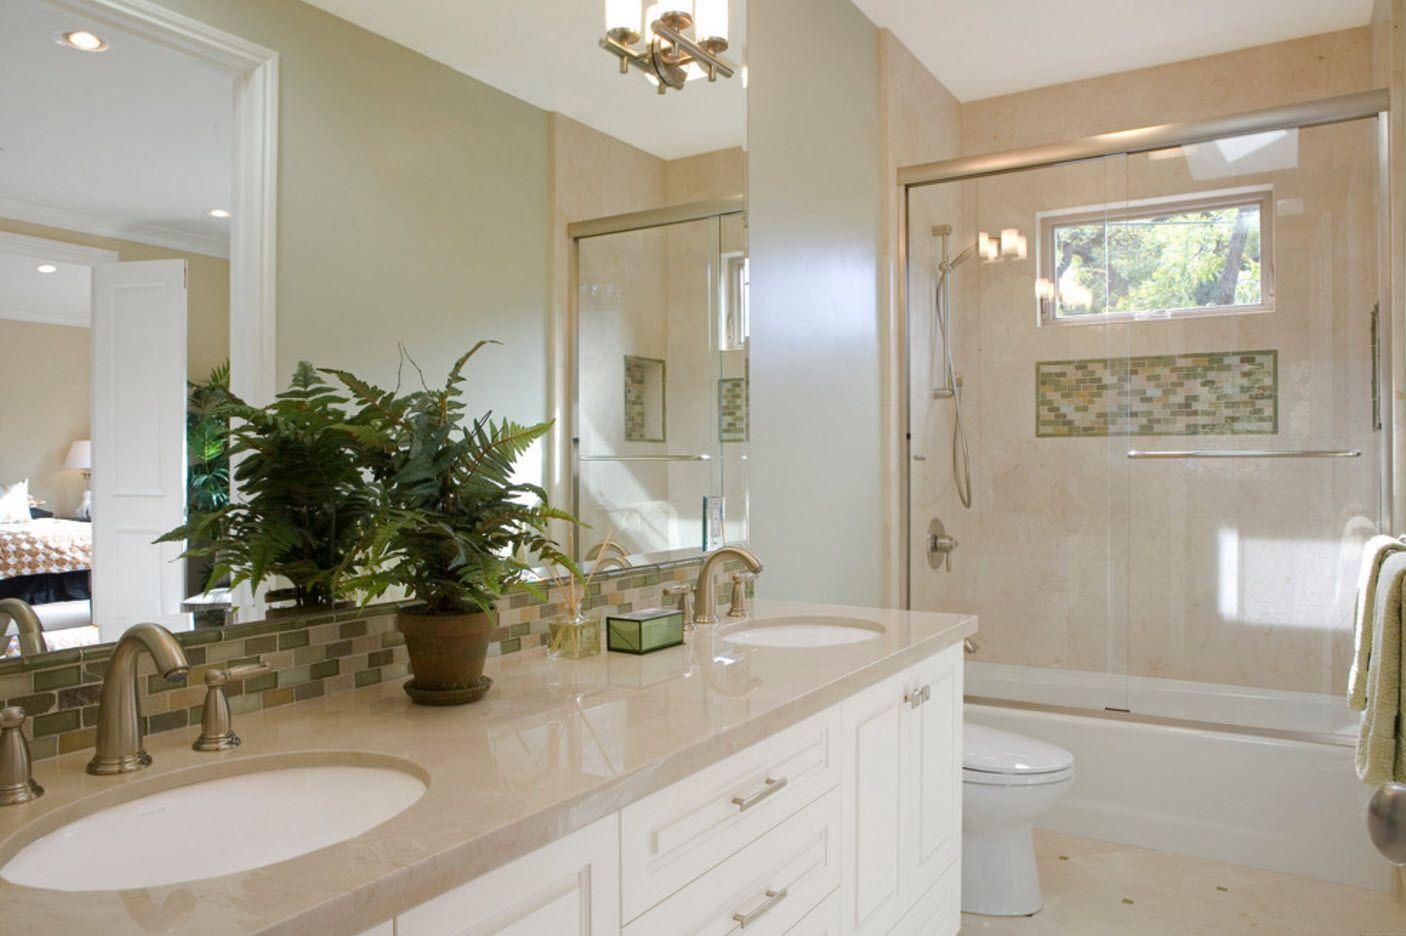 Badezimmer eitelkeit shaker stil kleines badezimmer  raumoptimierungsideen  badezimmer